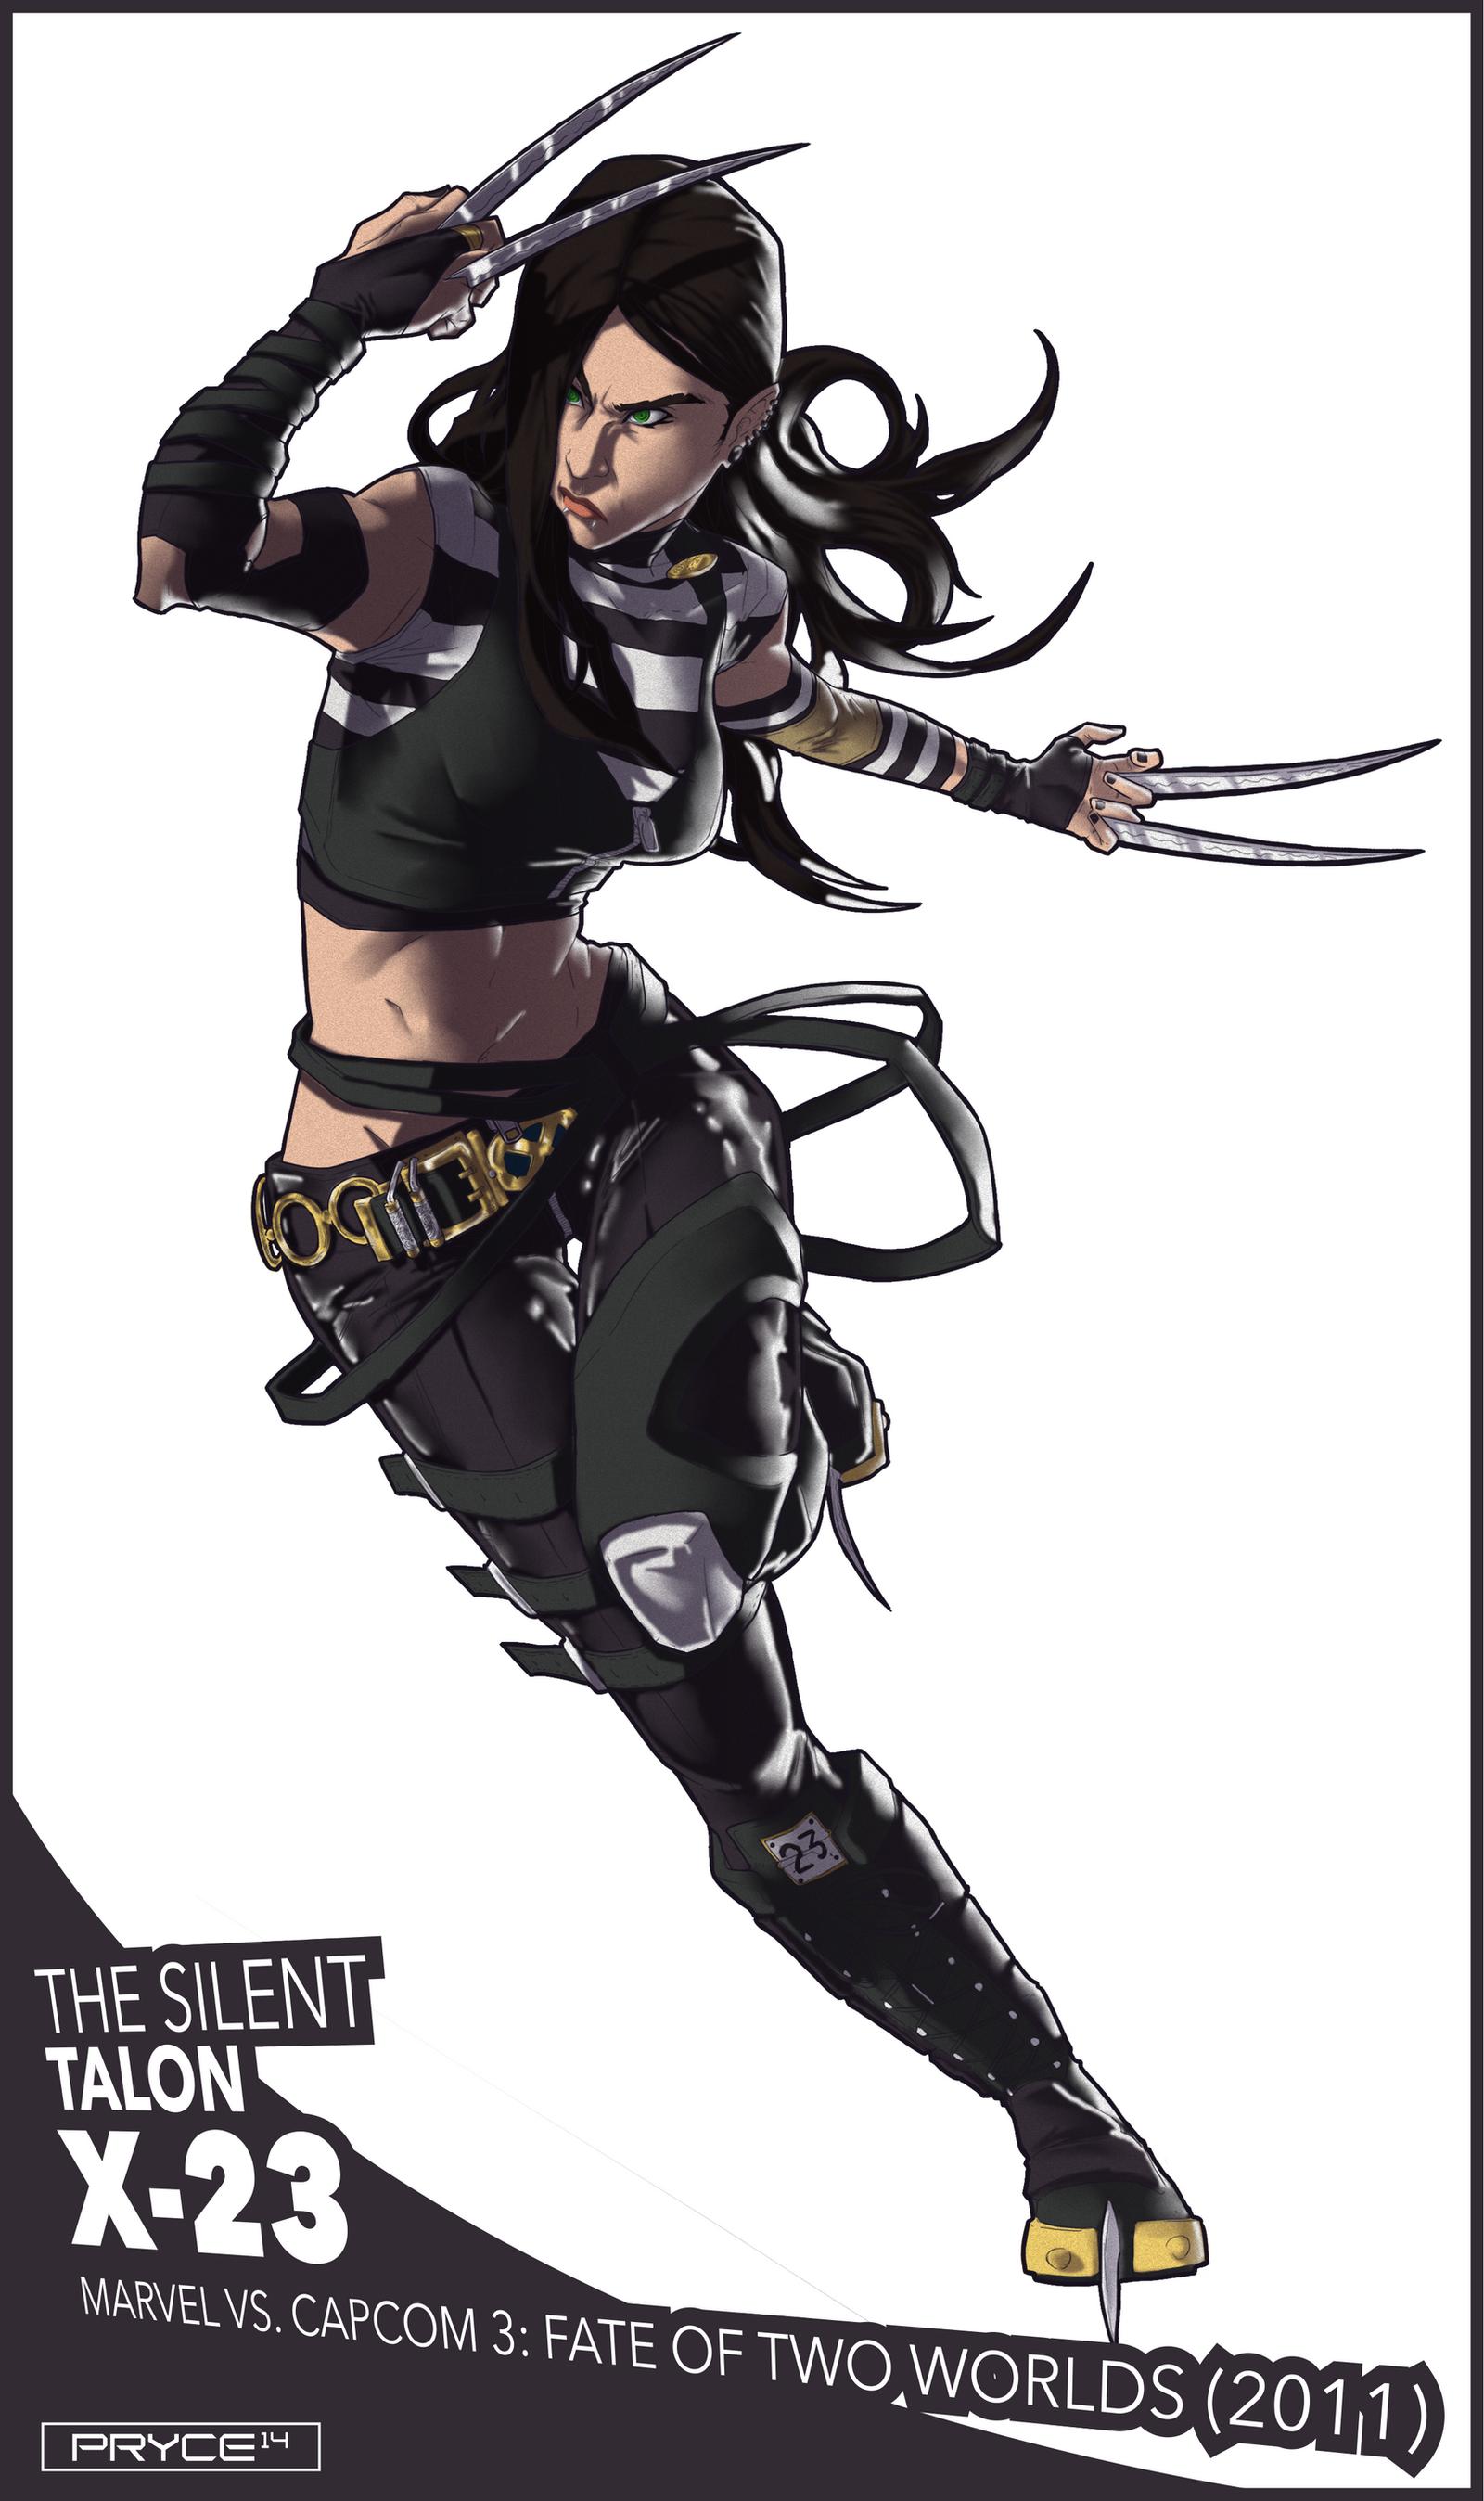 X-23 by Pryce14